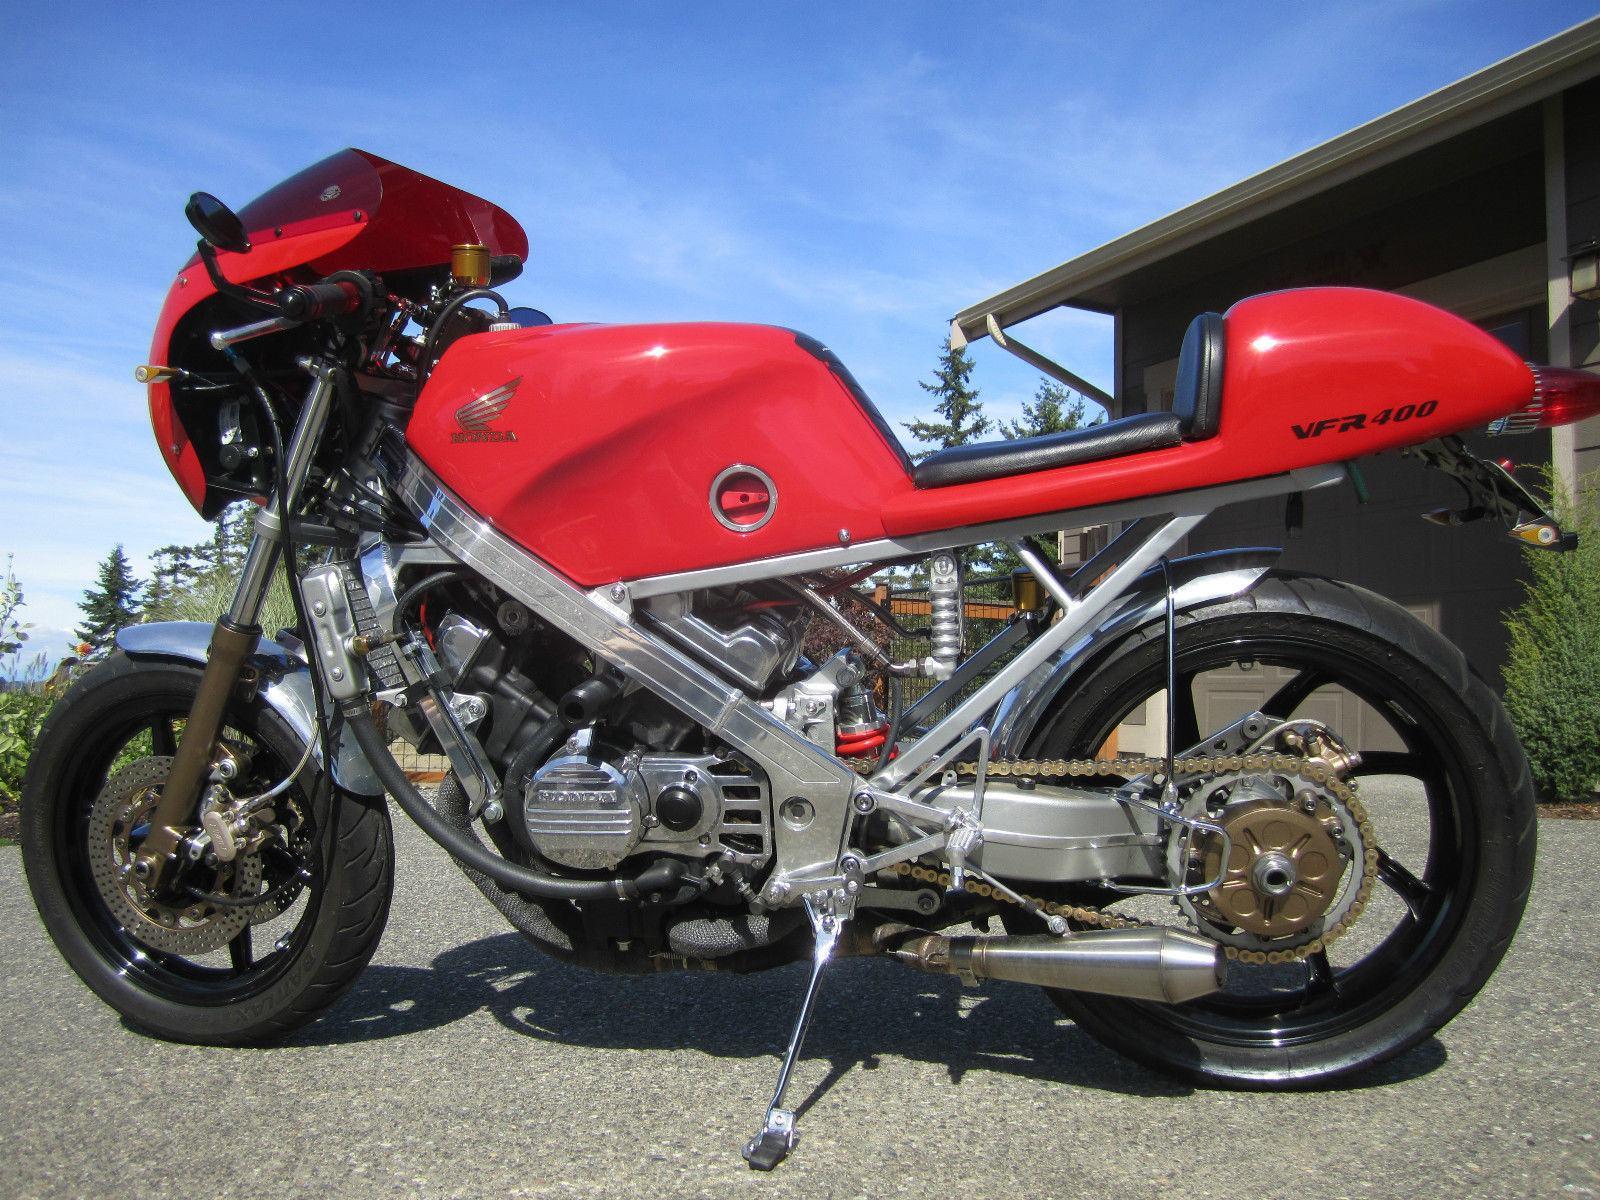 Honda VFR400R/NC24 1987 Cafe Racer for sale